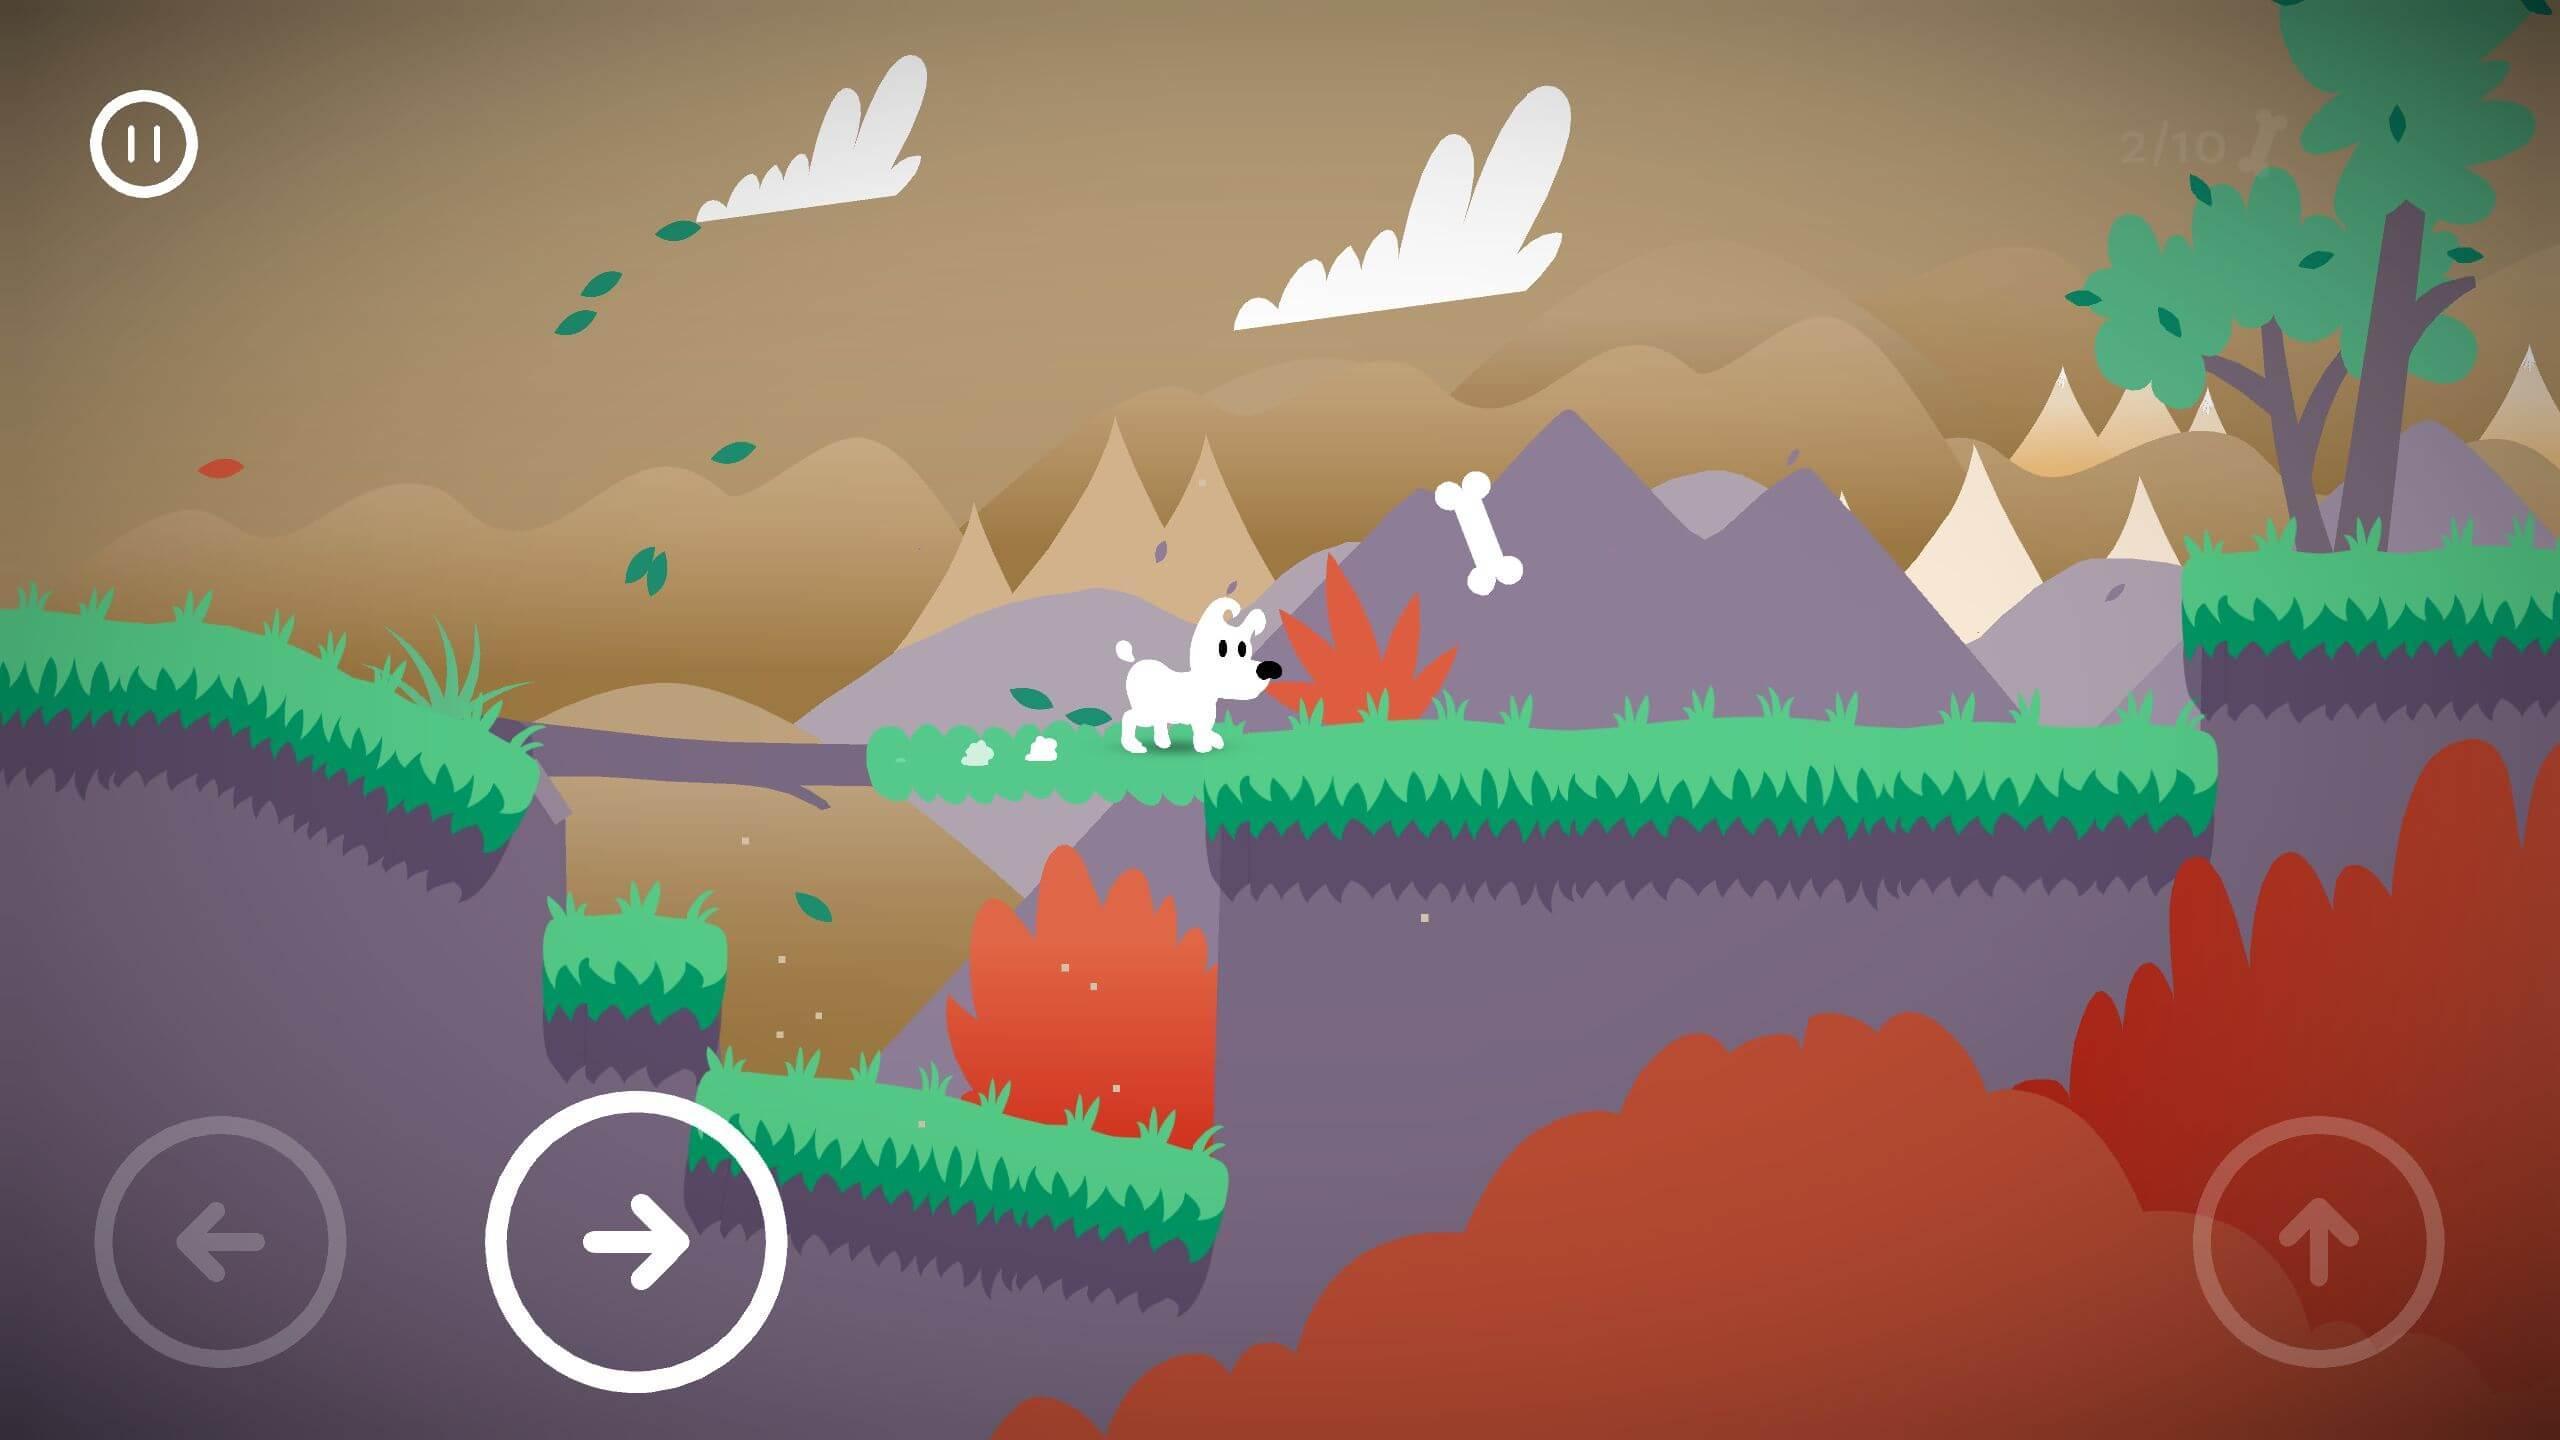 Mimpi Dreams - bílý pes na válečné výpravě